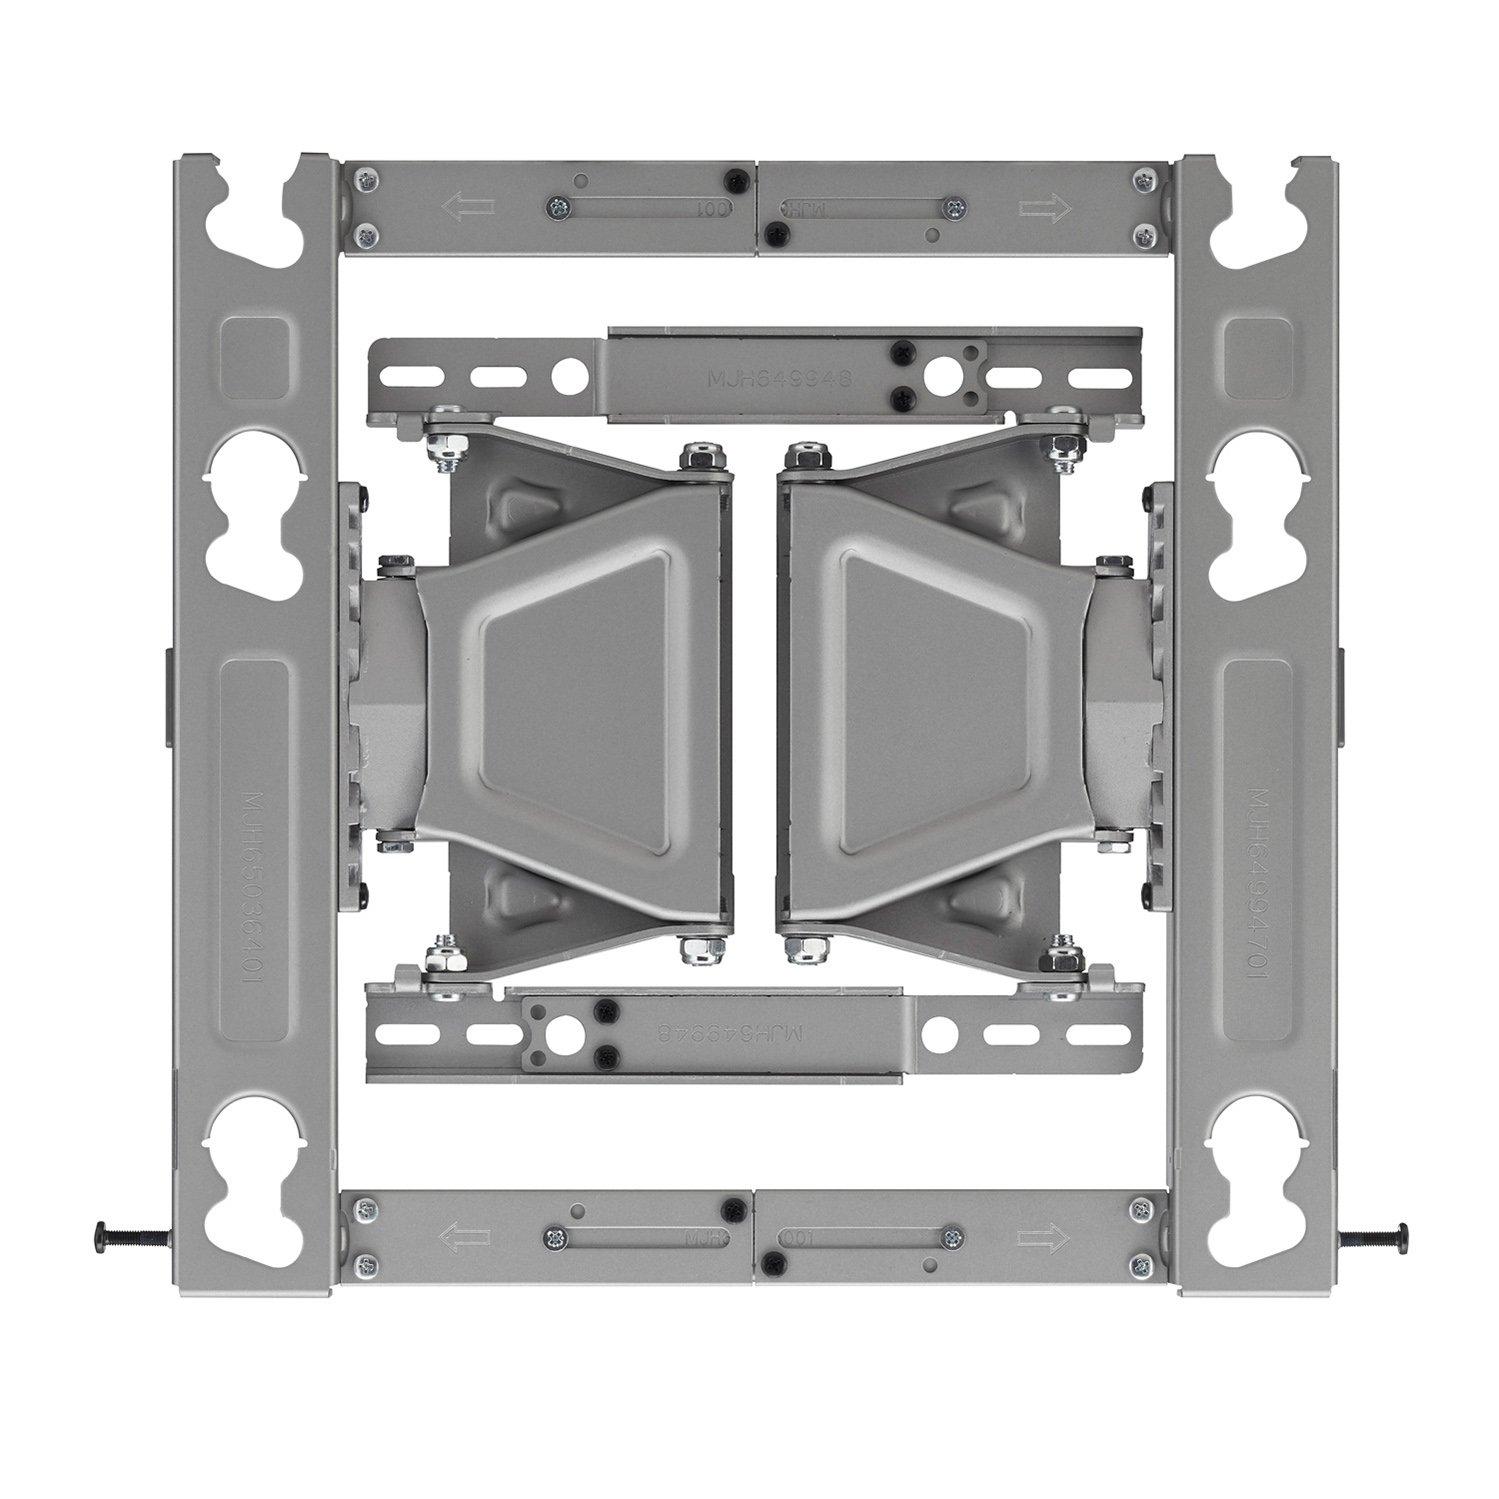 LG メーカー純正 テレビ壁掛け金具 VESA規格 400×200 / 300×300 / 300×200 OLW480B B07CLY7DHG